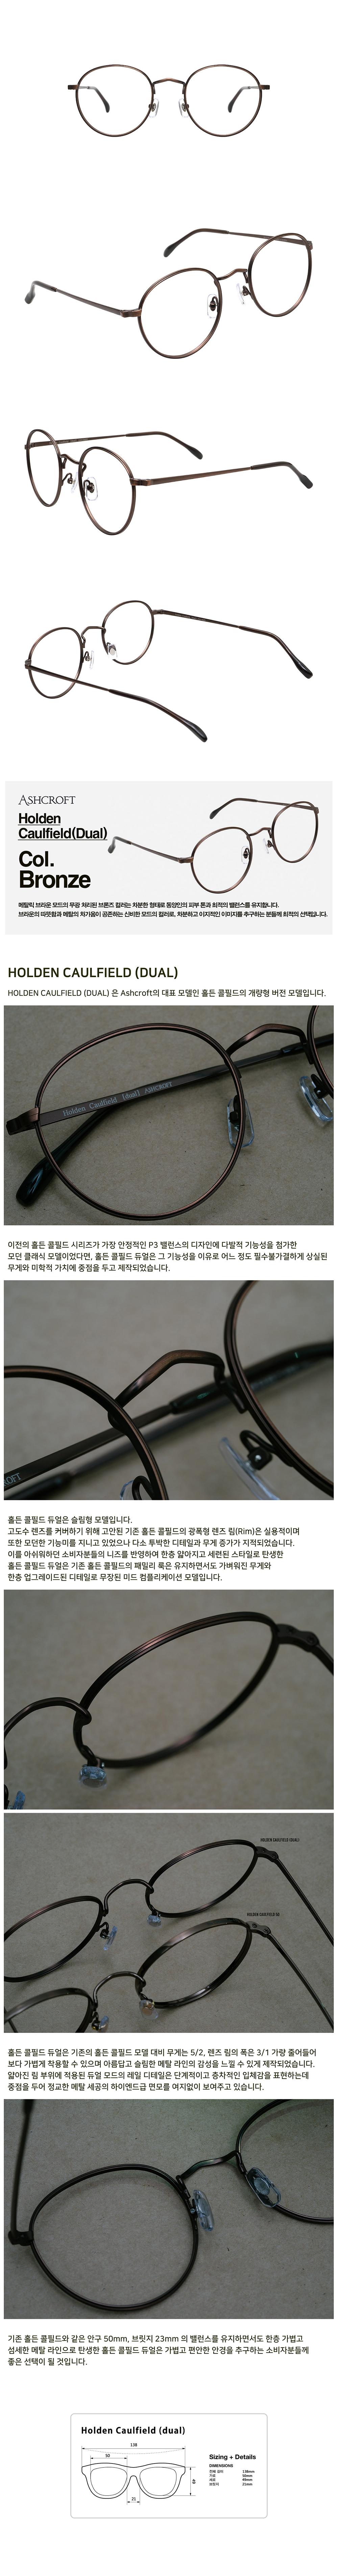 Holden Caulfield (dual) - Bronze - 애쉬크로프트, 105,000원, 안경/선글라스, 안경